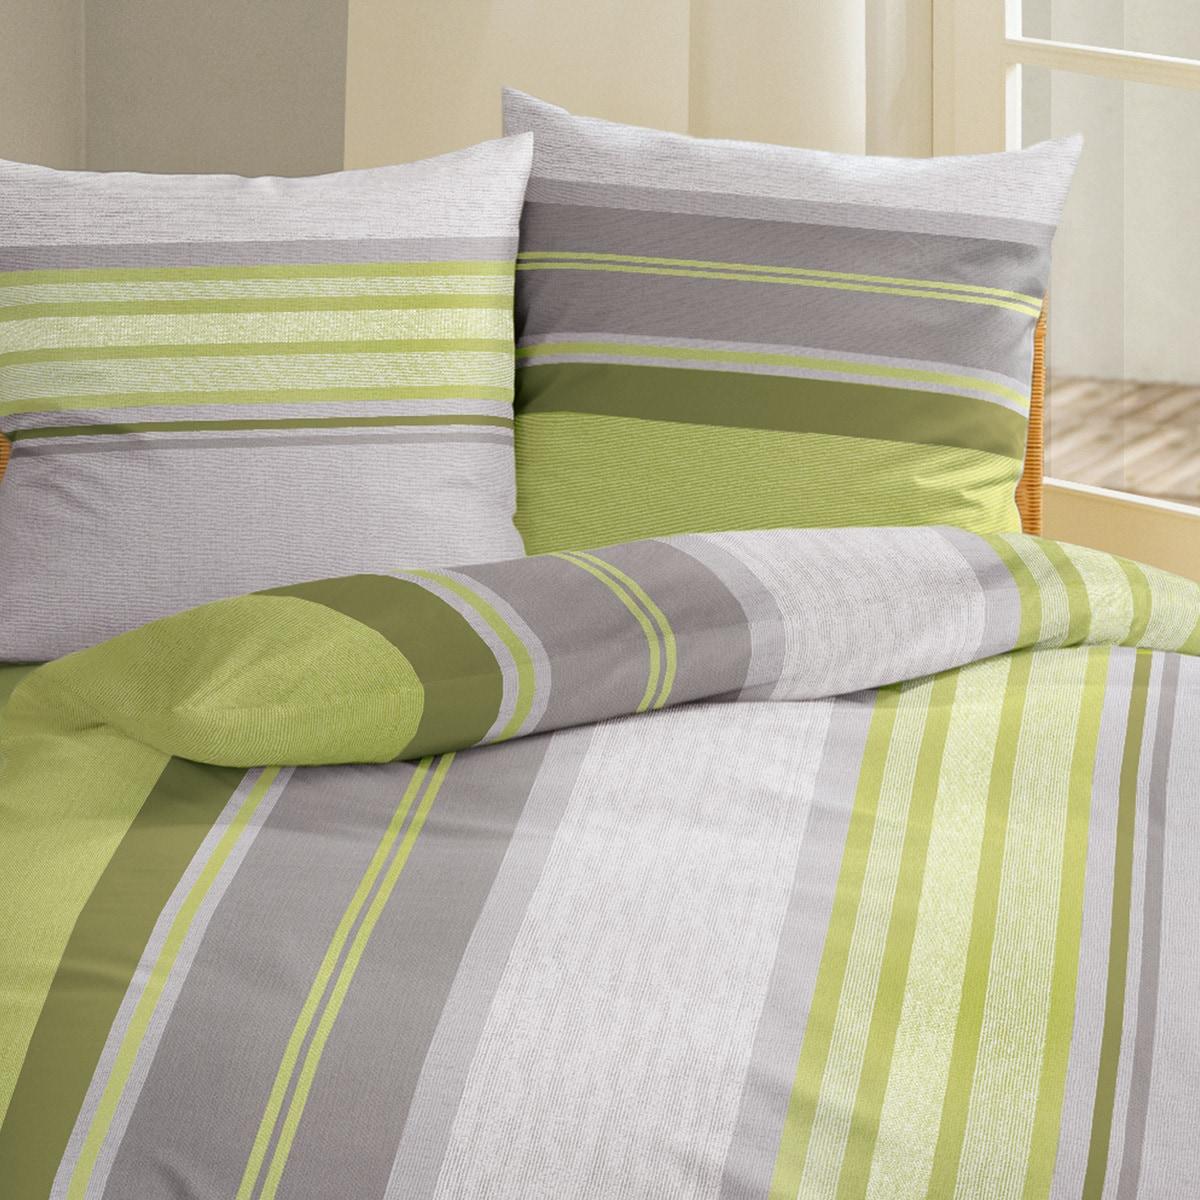 bierbaum single jersey bettw sche 6832 lind g nstig online kaufen bei bettwaren shop. Black Bedroom Furniture Sets. Home Design Ideas